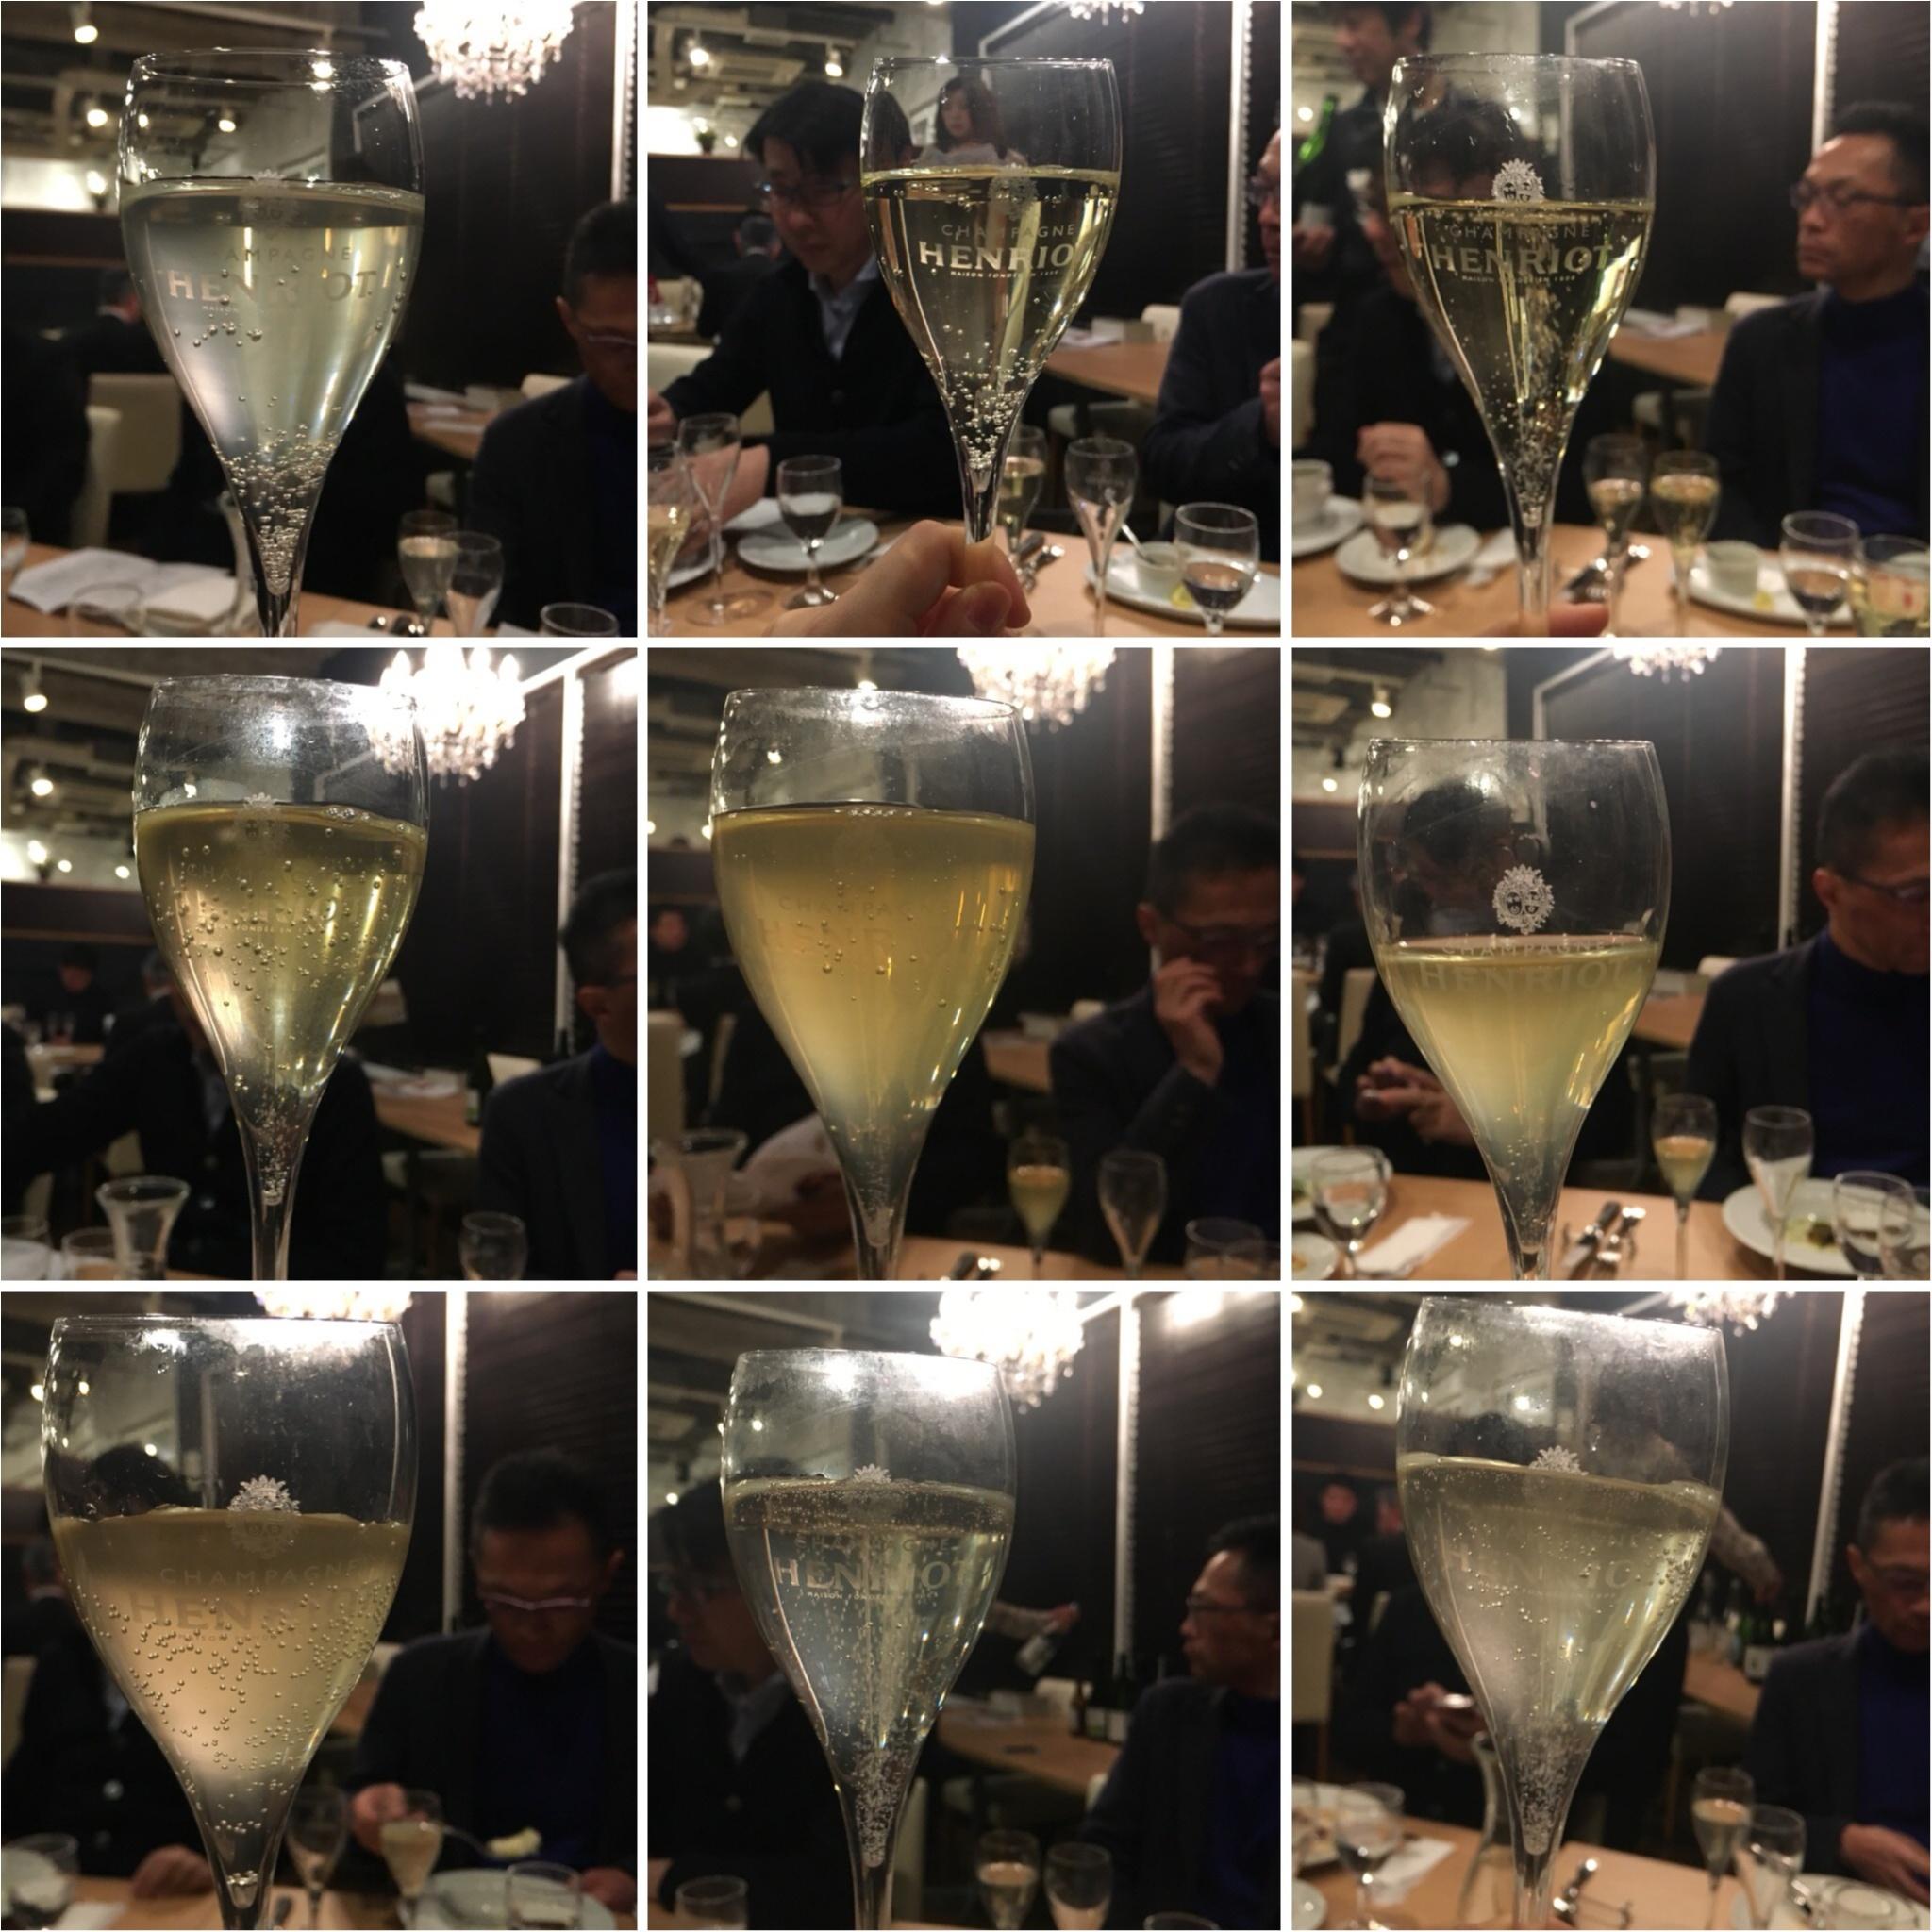 【シードル飲み比べ】第13回日本のシードルを味わう会〜ブルターニュ地方料理のマリアージュ〜@レストランD_5